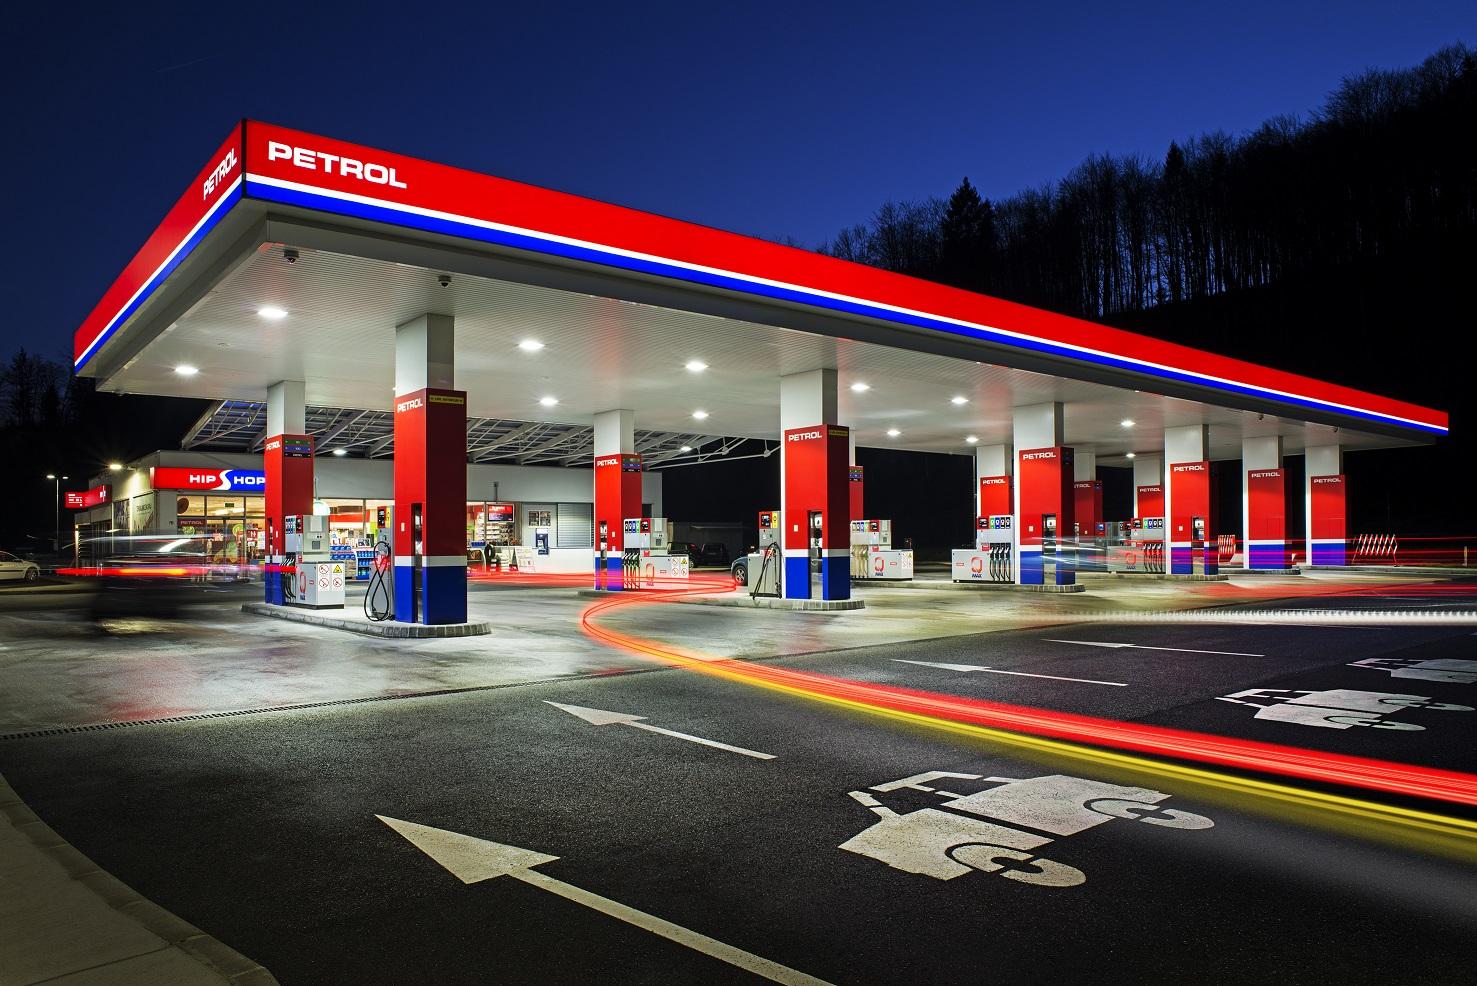 petrol_bs_slow_shutter_speed